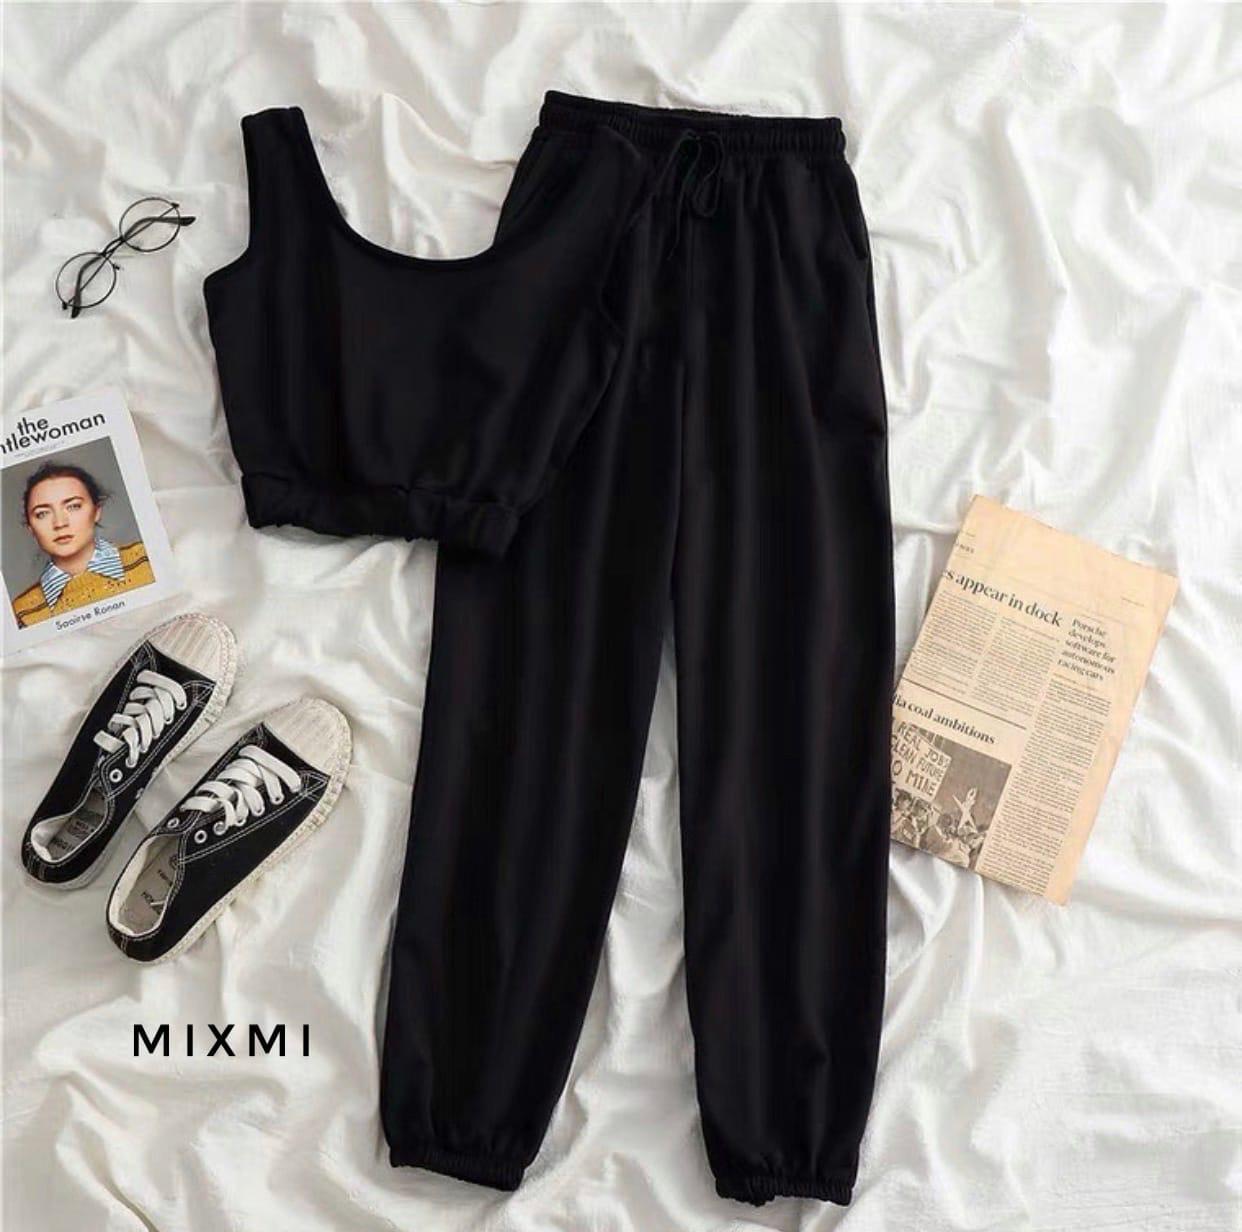 Жіночий спортивний костюм, турецька двунить, р-р 42-44; 44-46 (чорний)